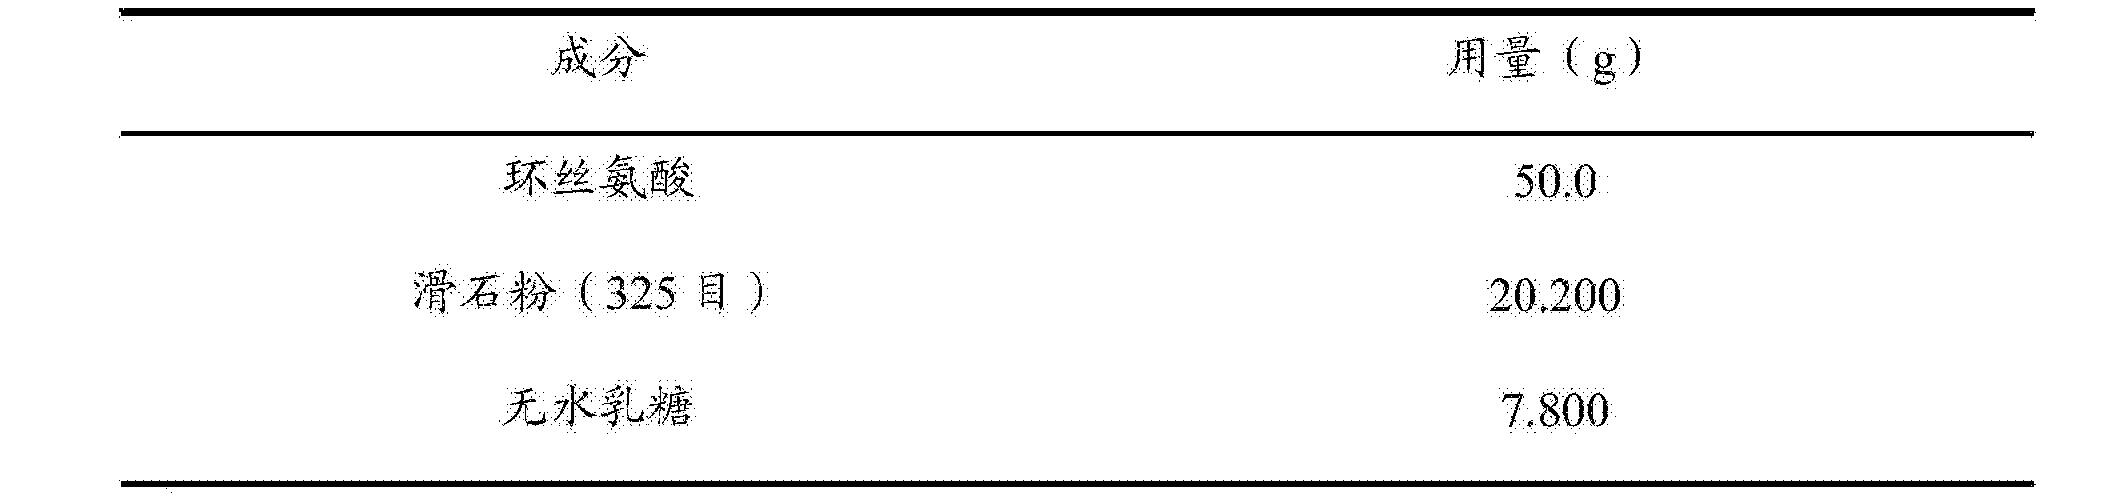 Figure CN105476976BD00171